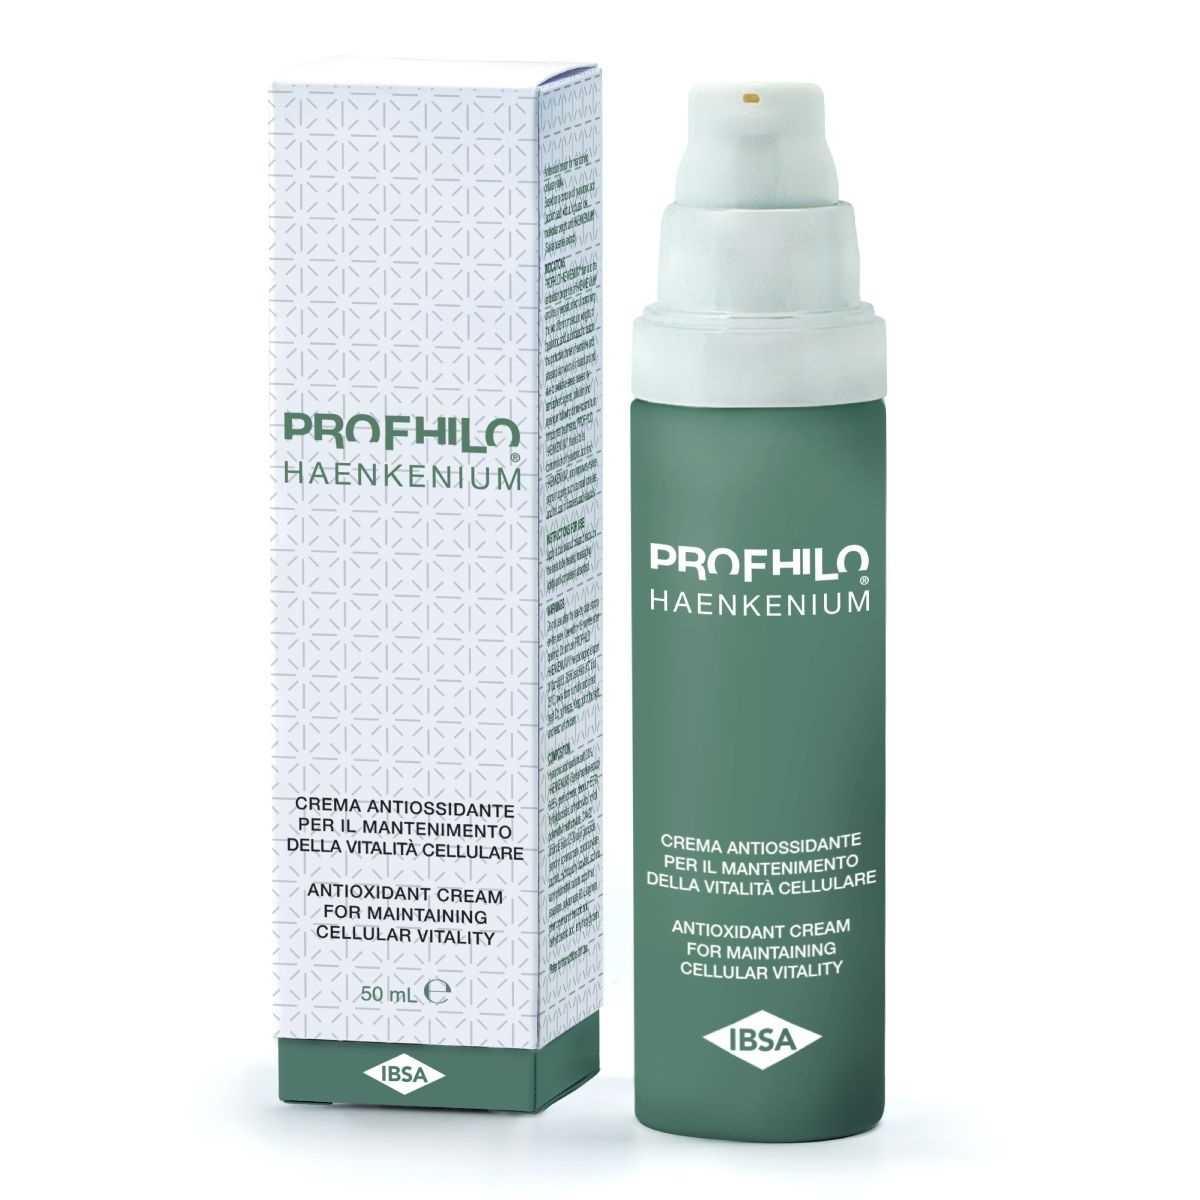 Profhilo Haenkenium - Crema Antiossidante